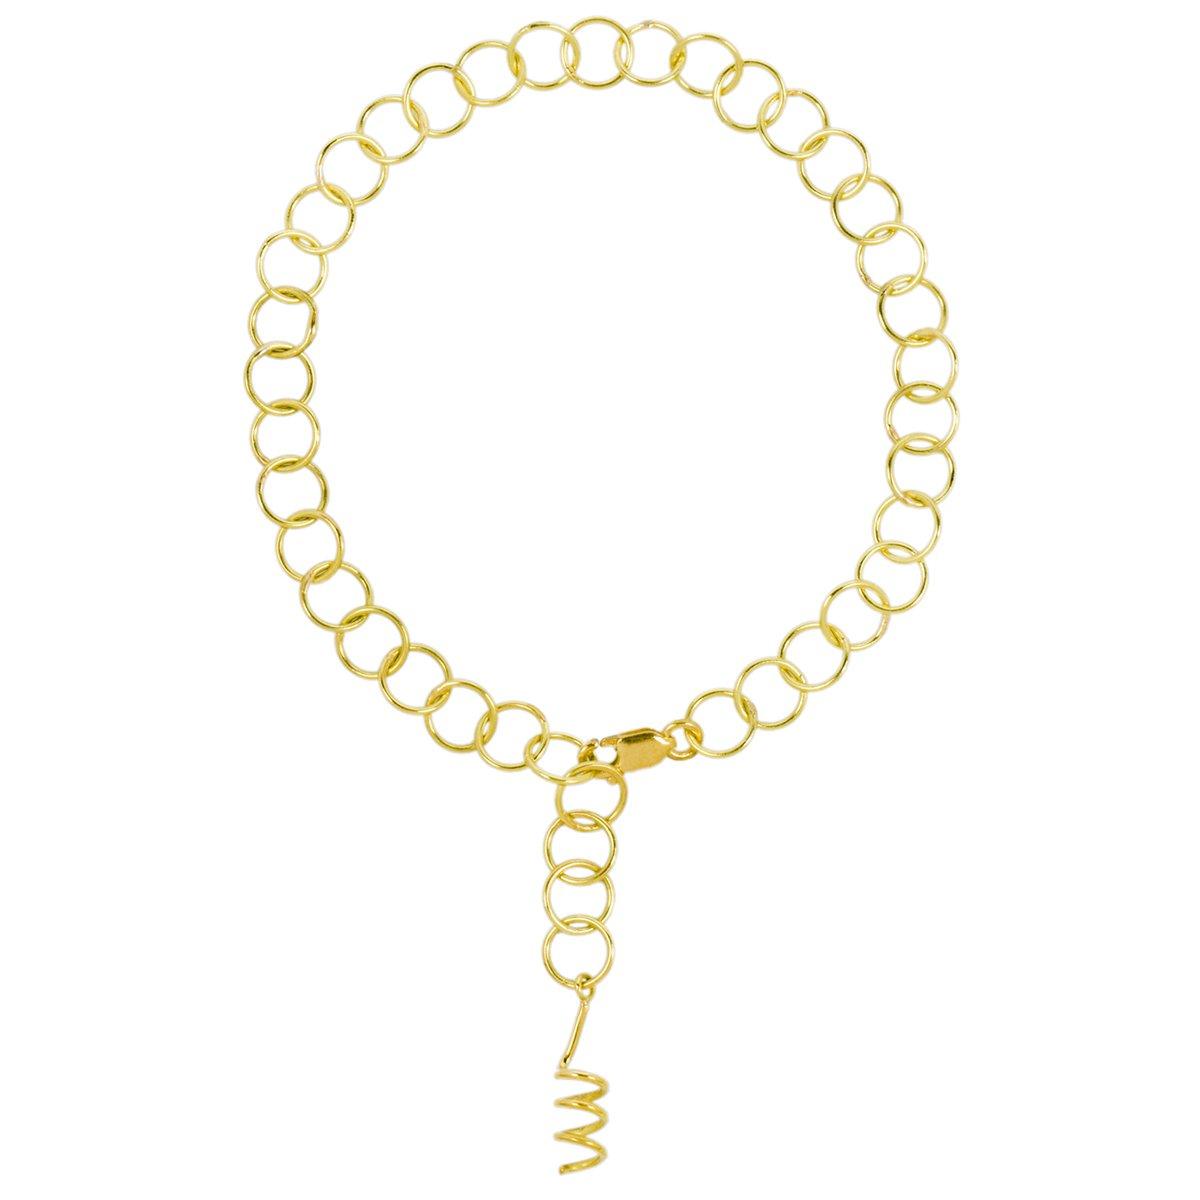 Pulseira de Ouro Amarelo Spiral